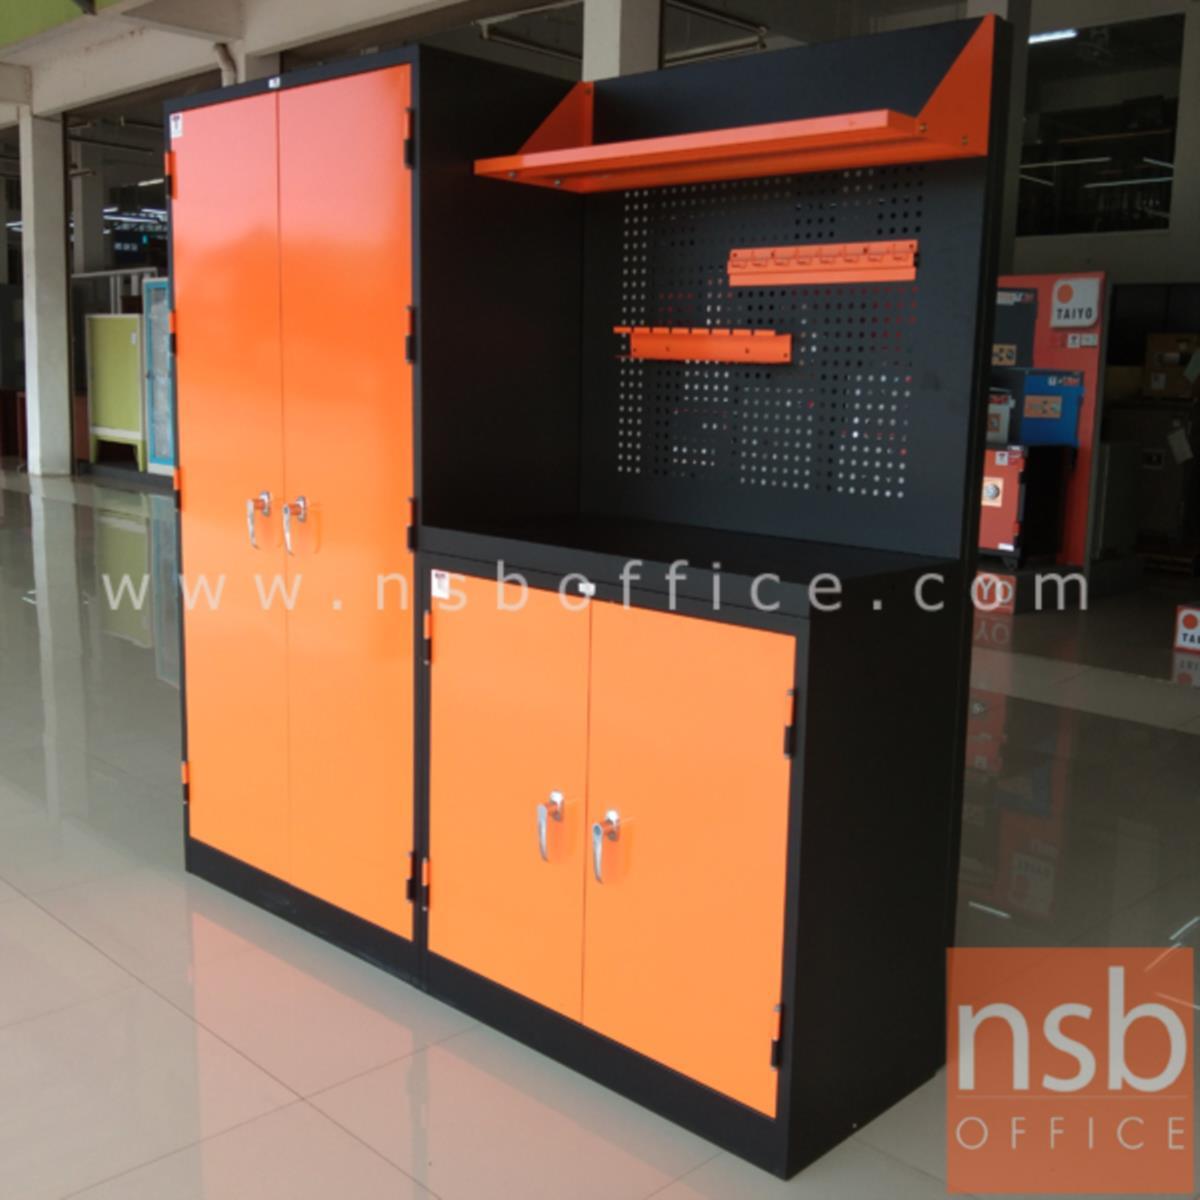 ชุดตู้เก็บเครื่องมือช่าง 183.5W*49.7D*183H cm.พร้อมแผ่นท็อปแผ่นชั้นและอุปกรณ์เสริม